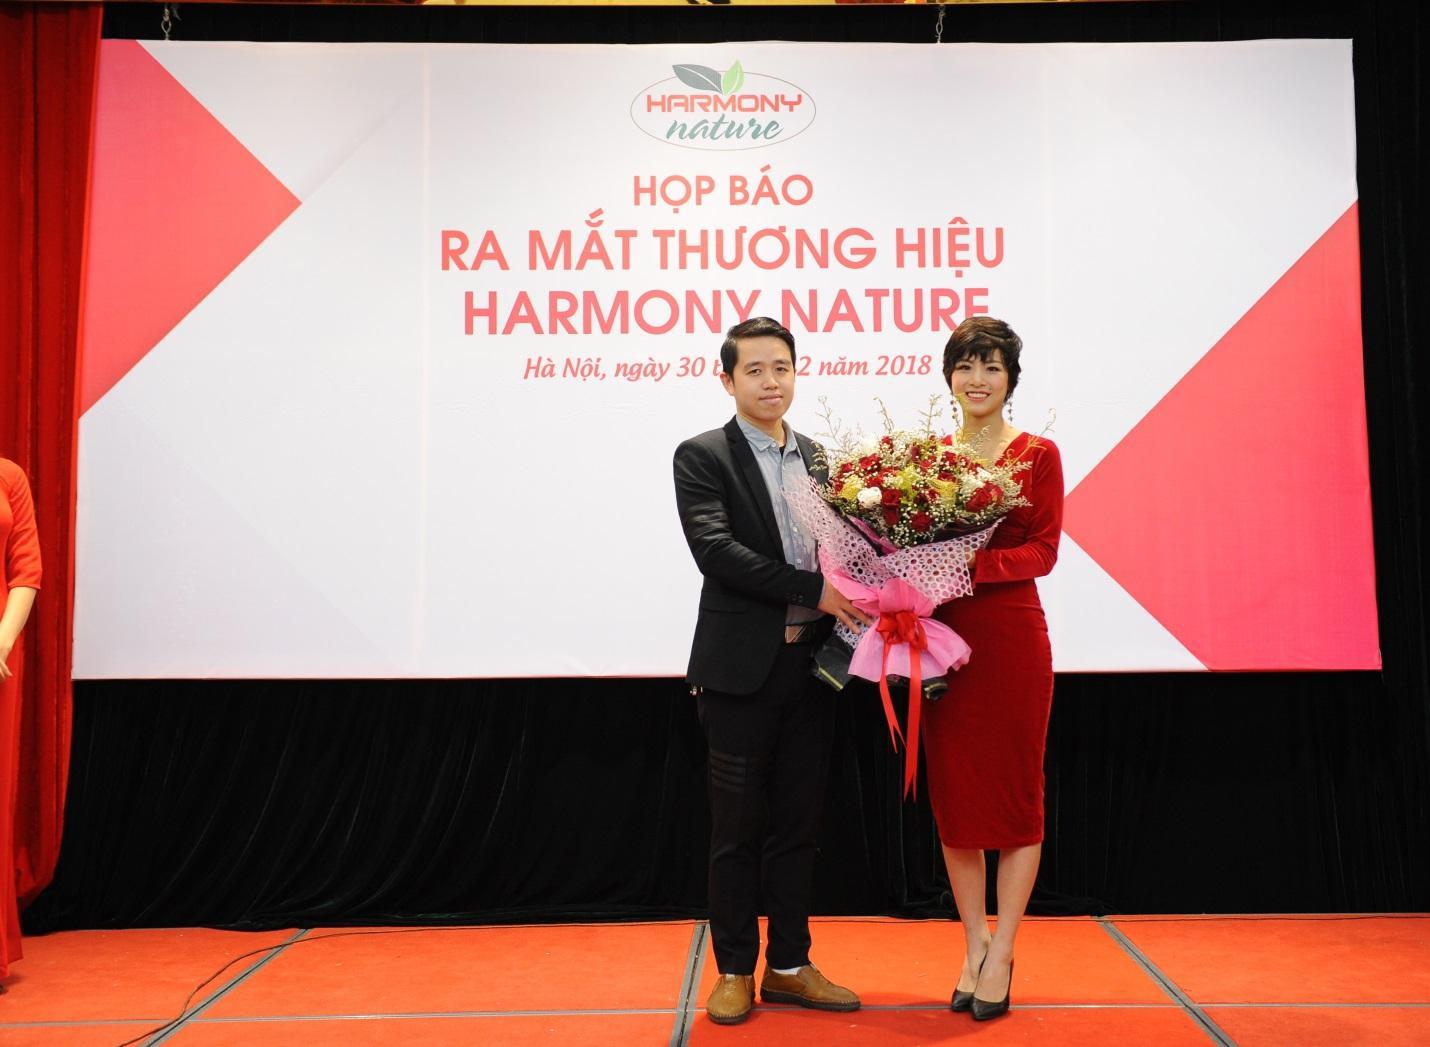 Ra mắt thương hiệu dược phẩm Harmony Nature tại Việt Nam  - Ảnh 1